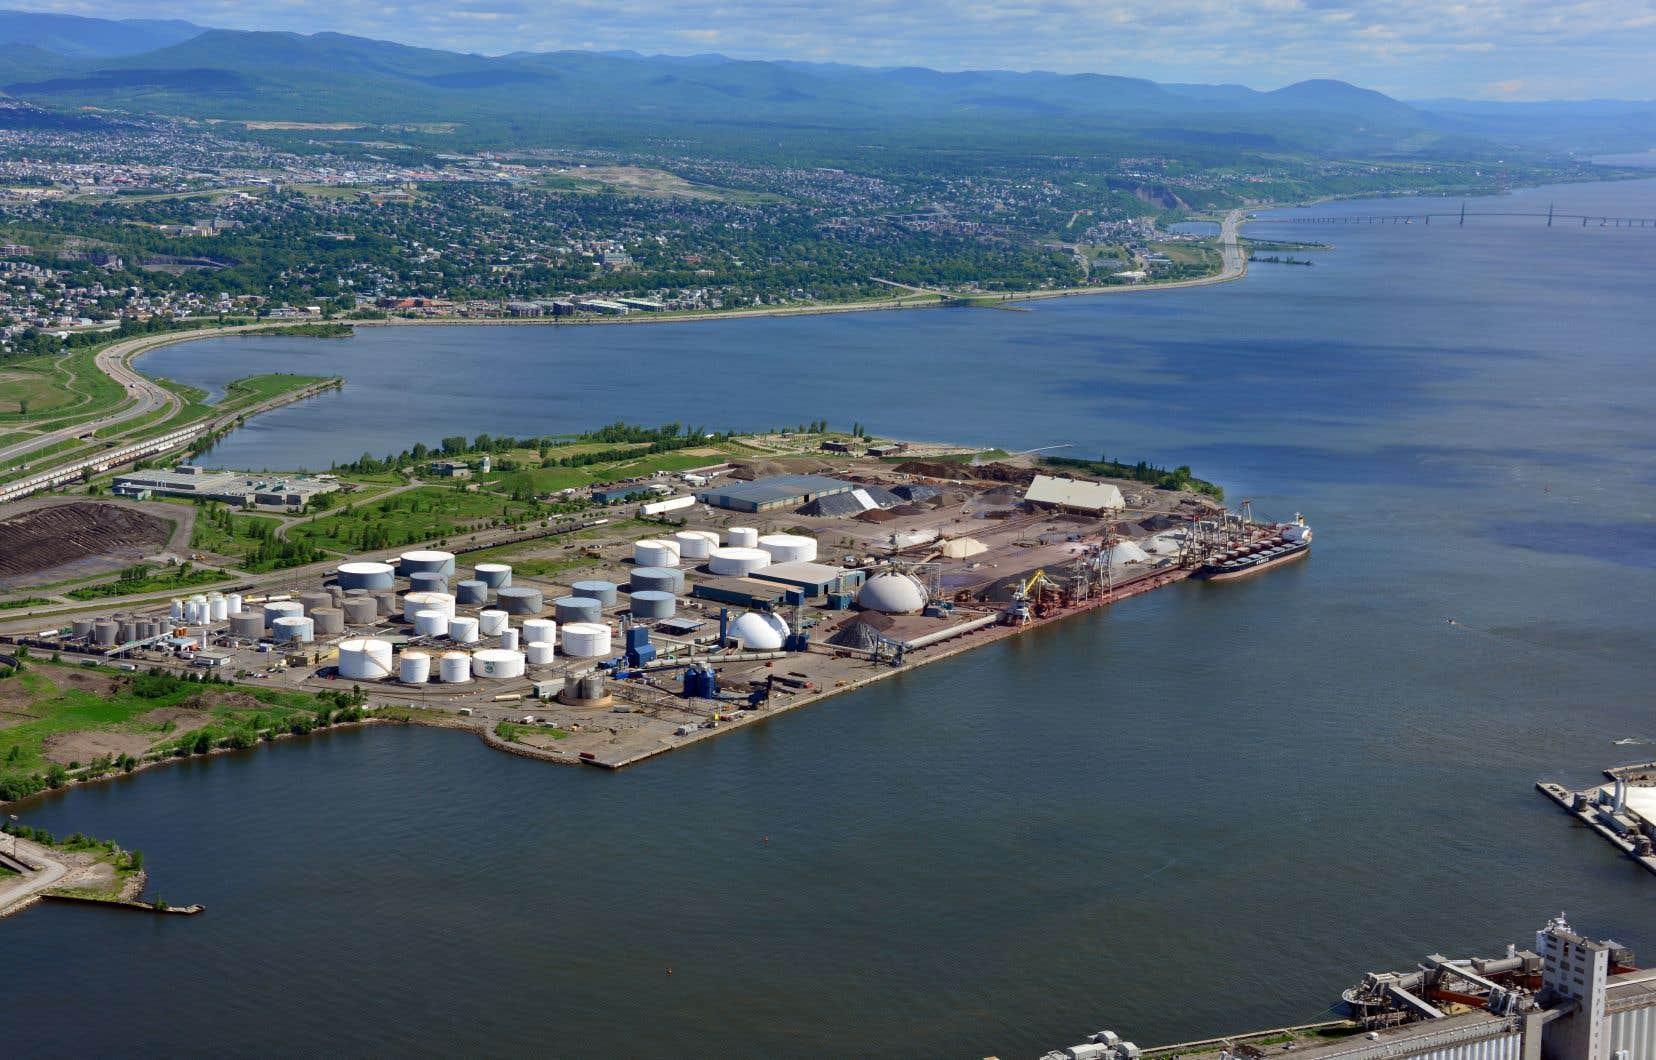 Même si le projet Laurentia table sur le transport de conteneurs, il n'est pas question pour le Port de Québec de réduire le transport de minerais à court terme.